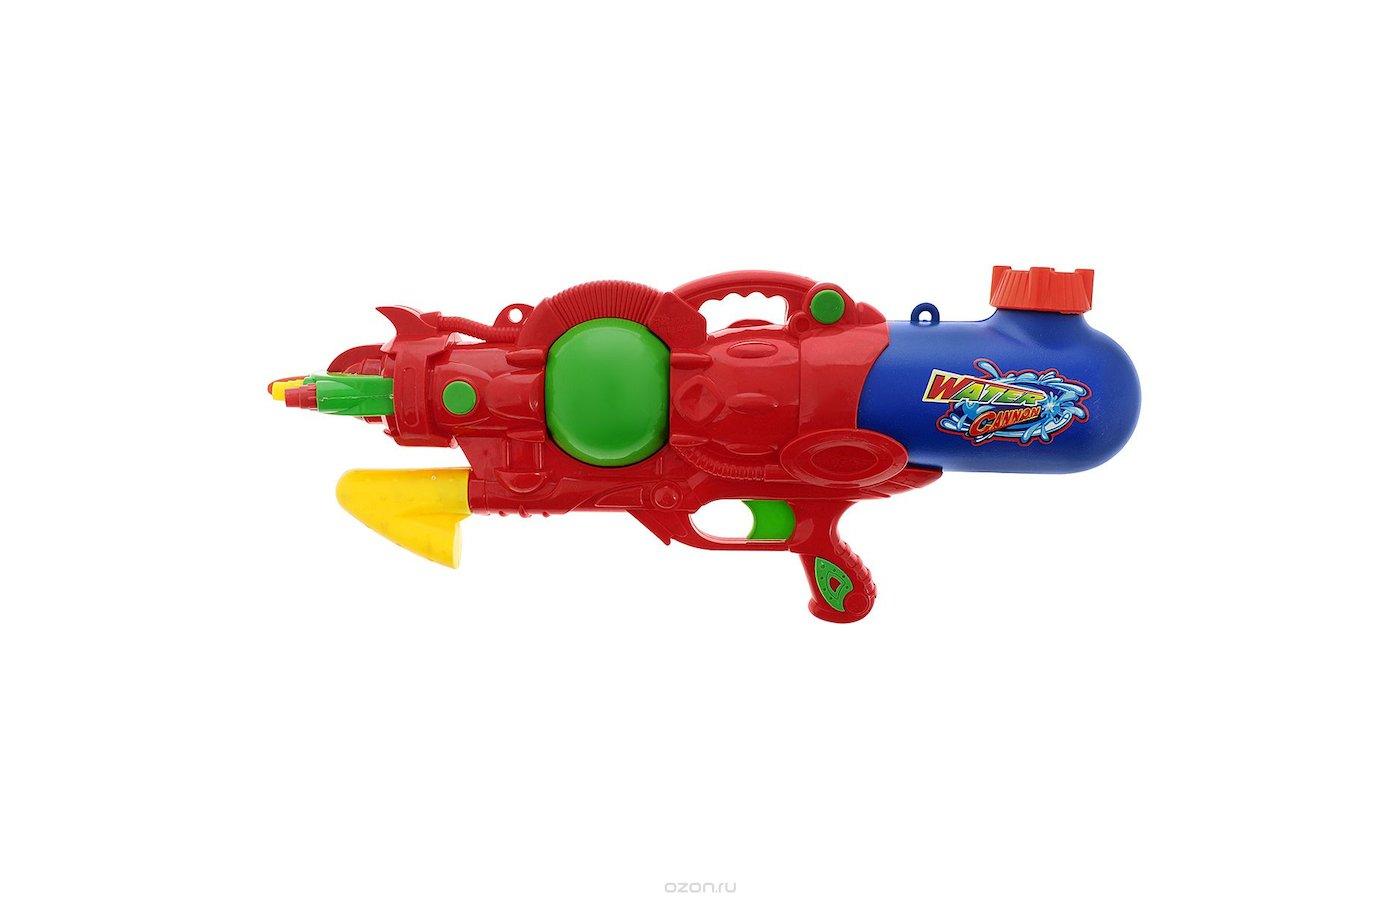 Игрушка Bebelot BEB1106-048 водный бластер Тройная атака